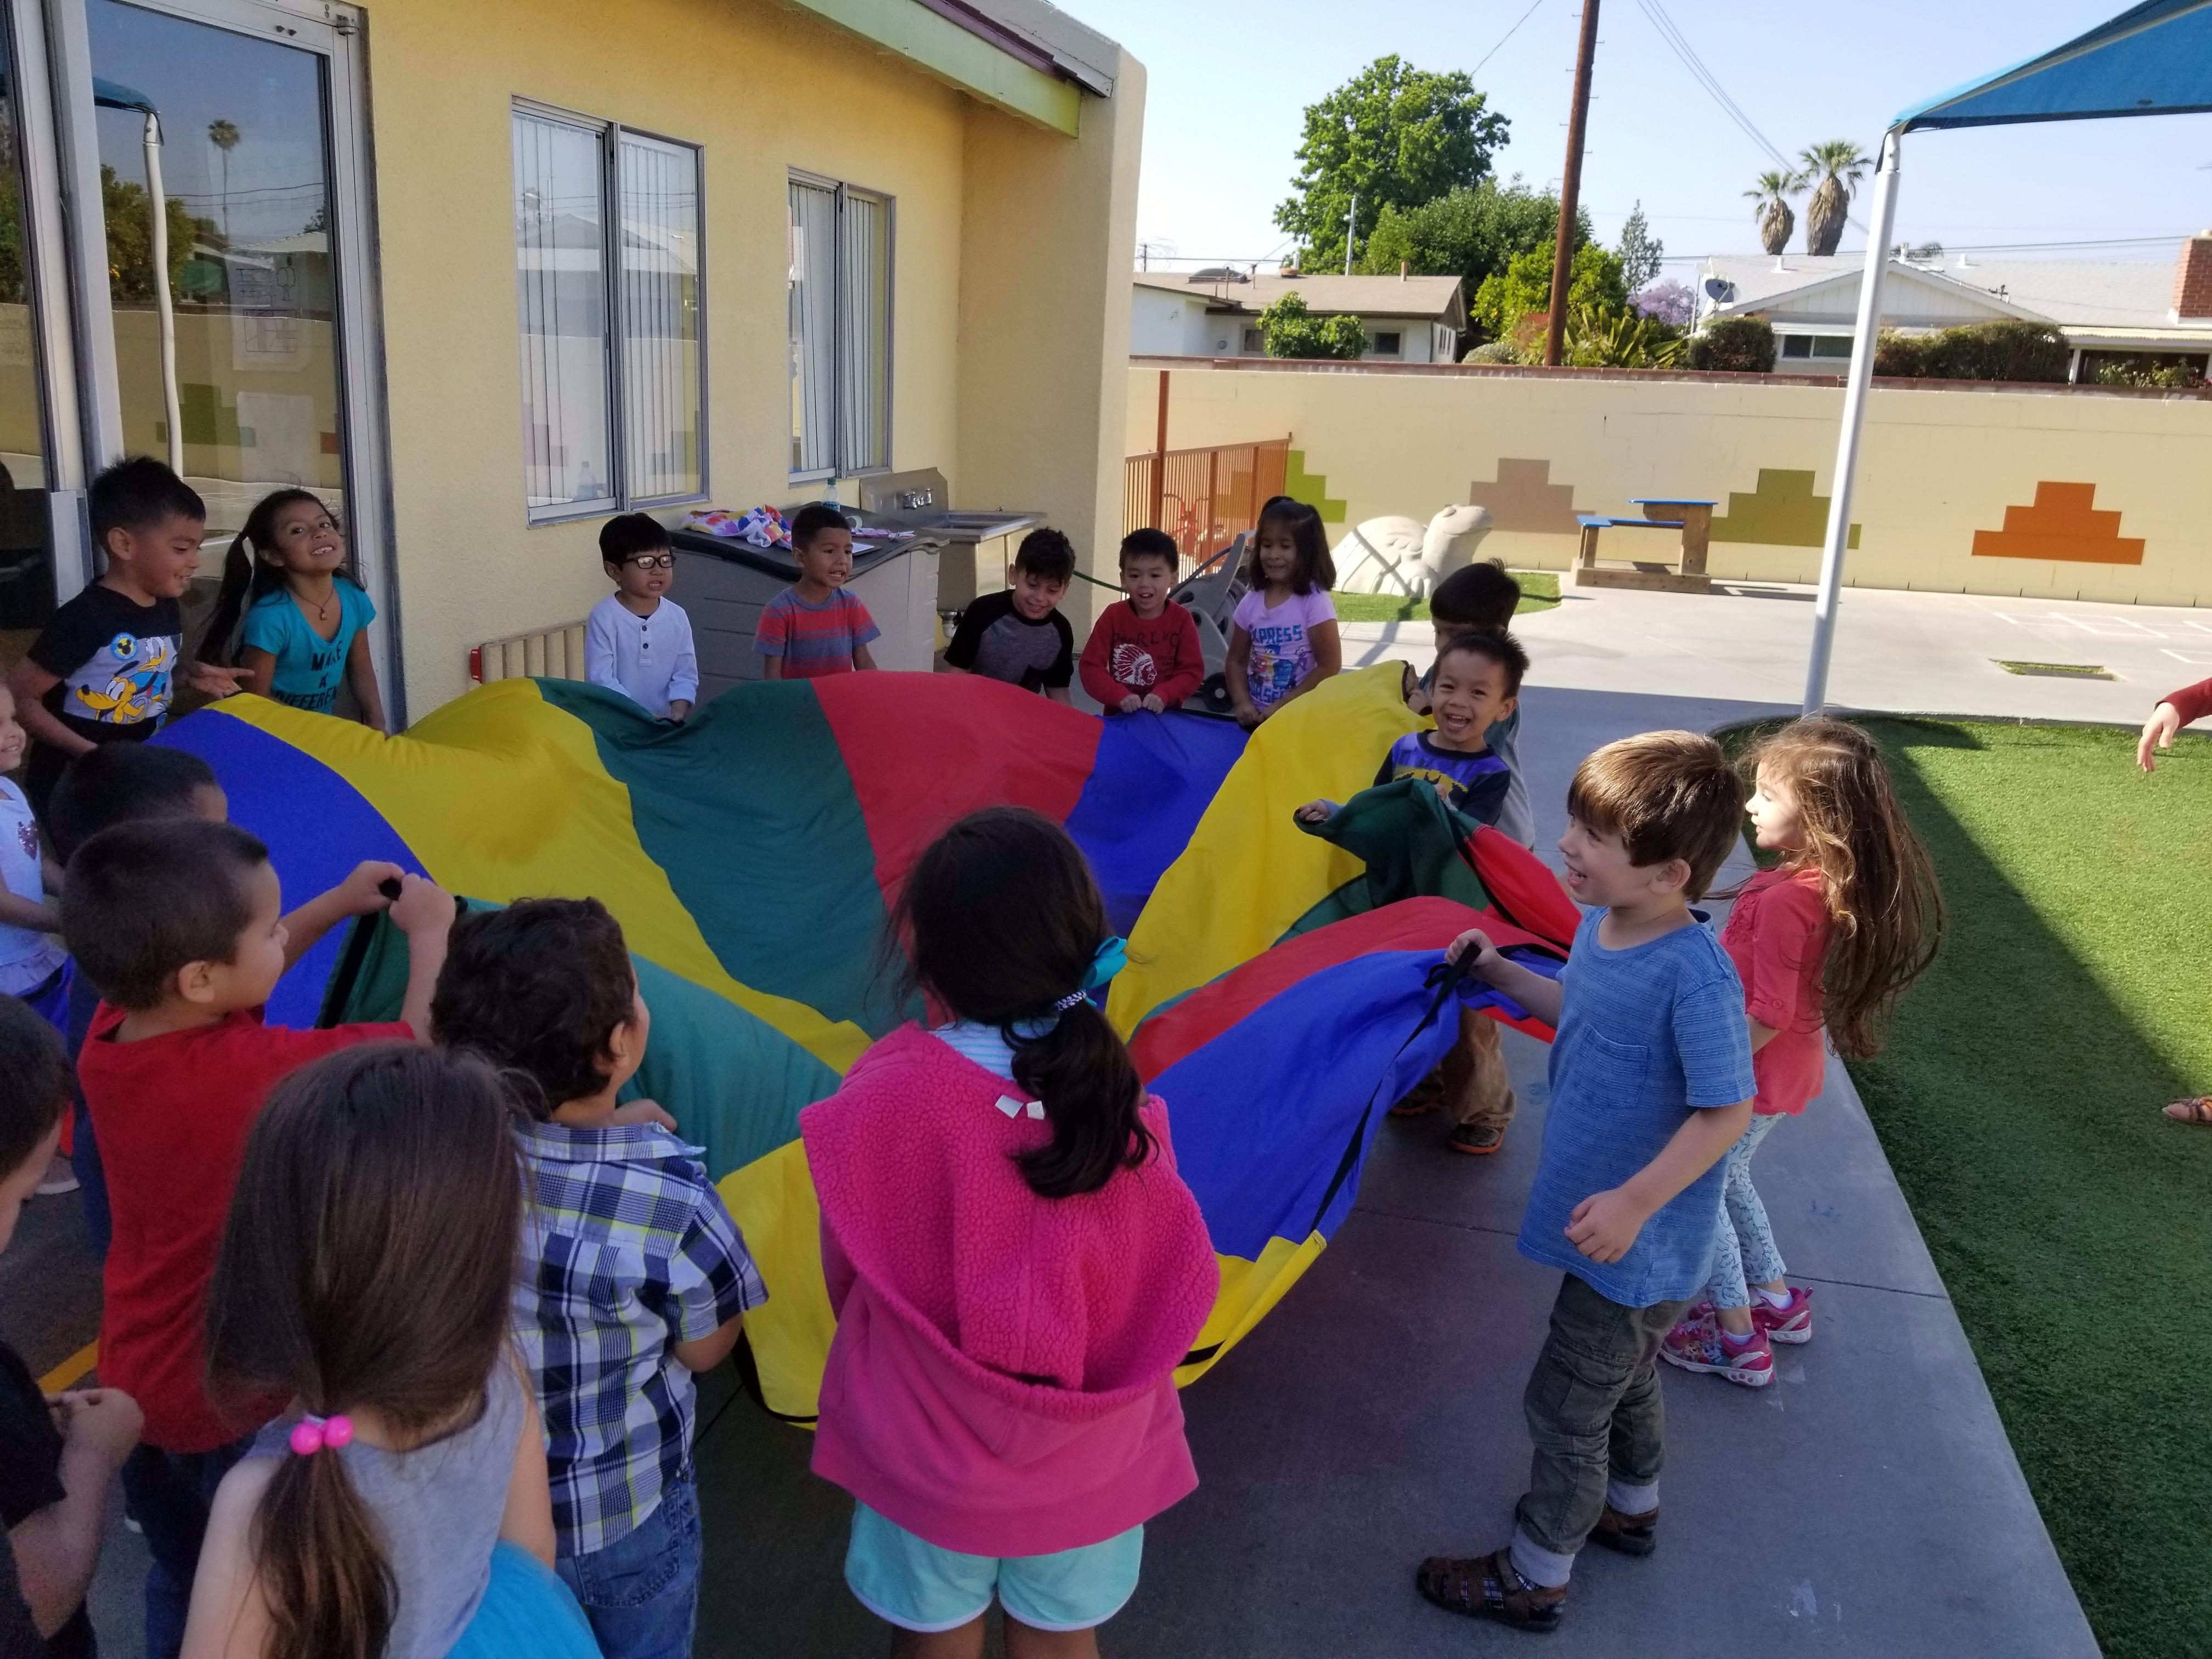 Oc Kids Preschool Kindergarten Garden Grove California